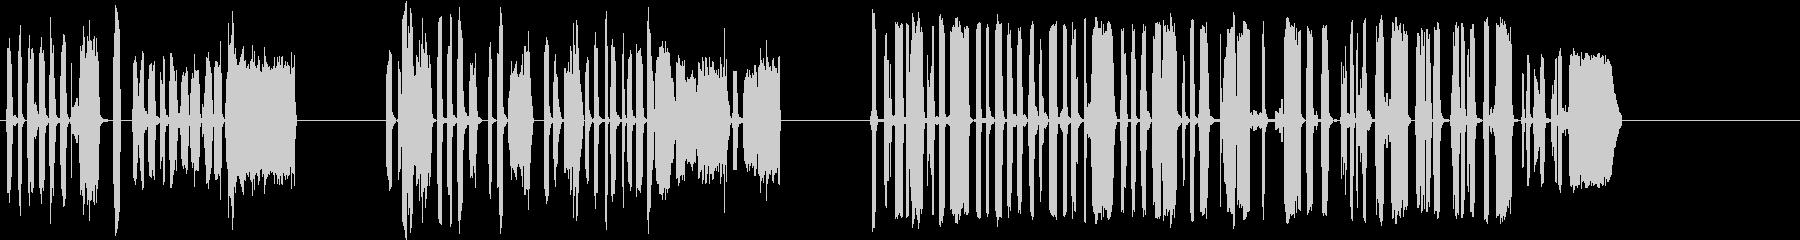 DJスクラッチパフォーマンス1-3の未再生の波形